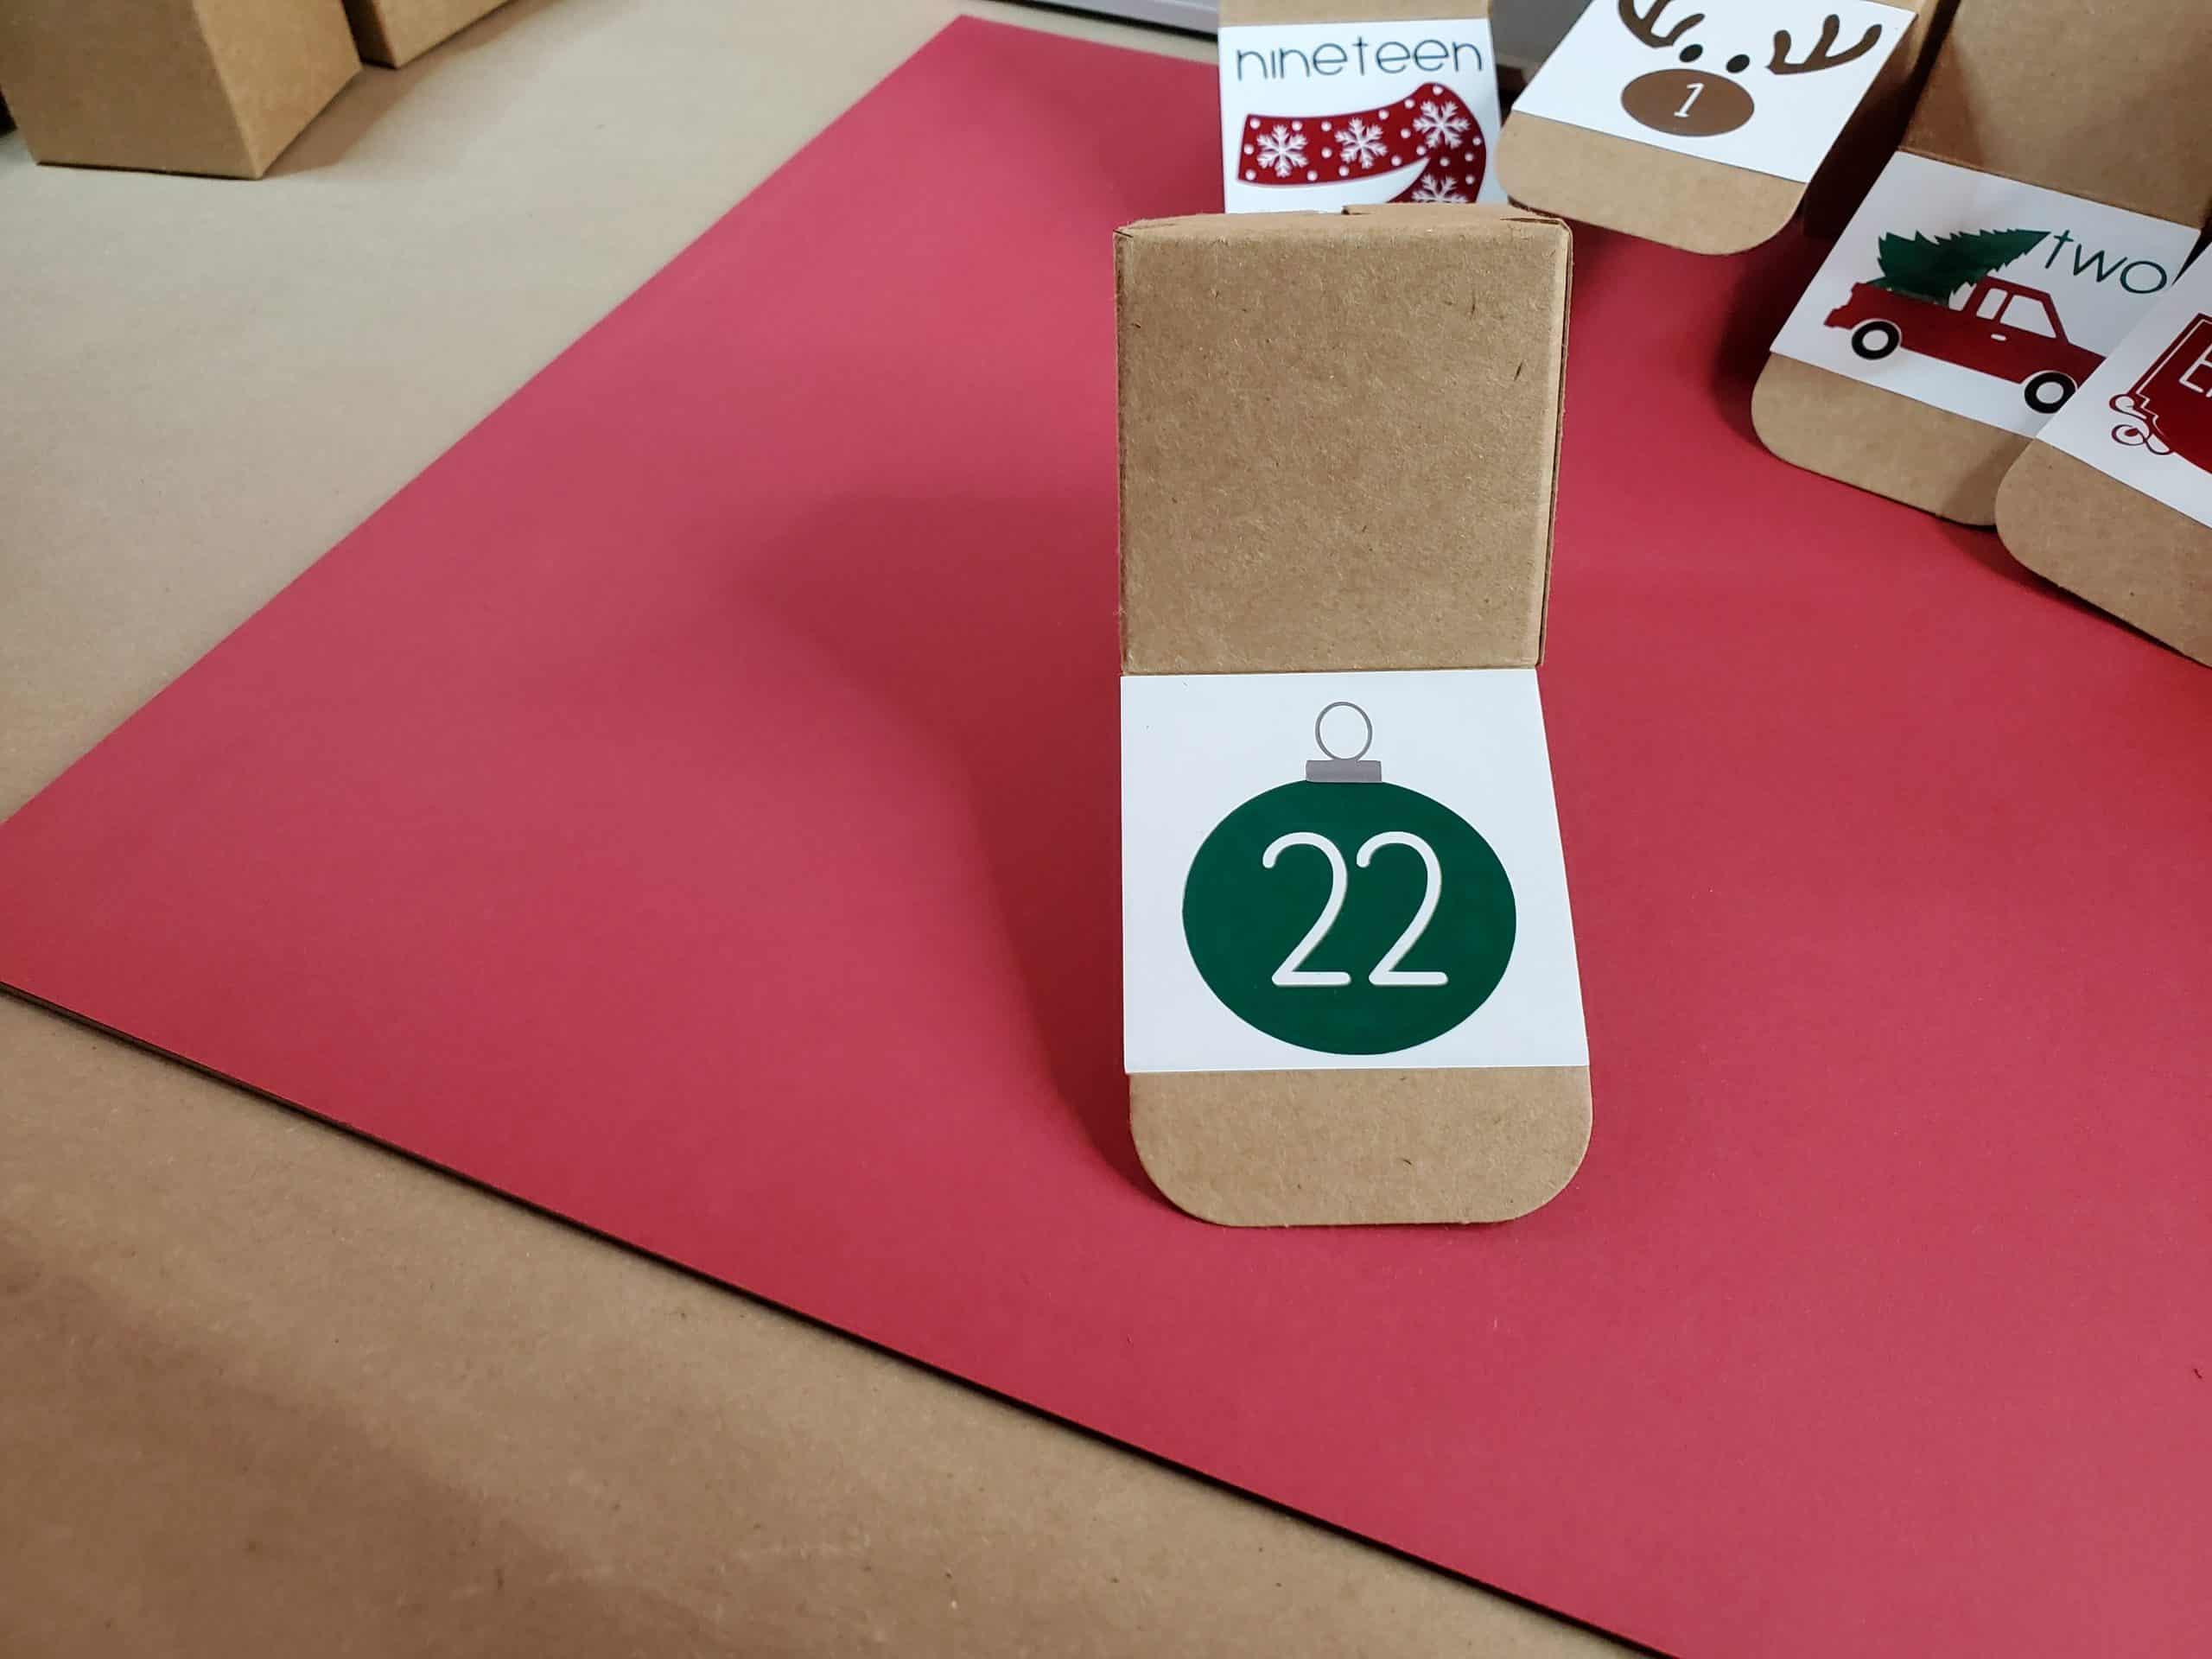 Square 22 box